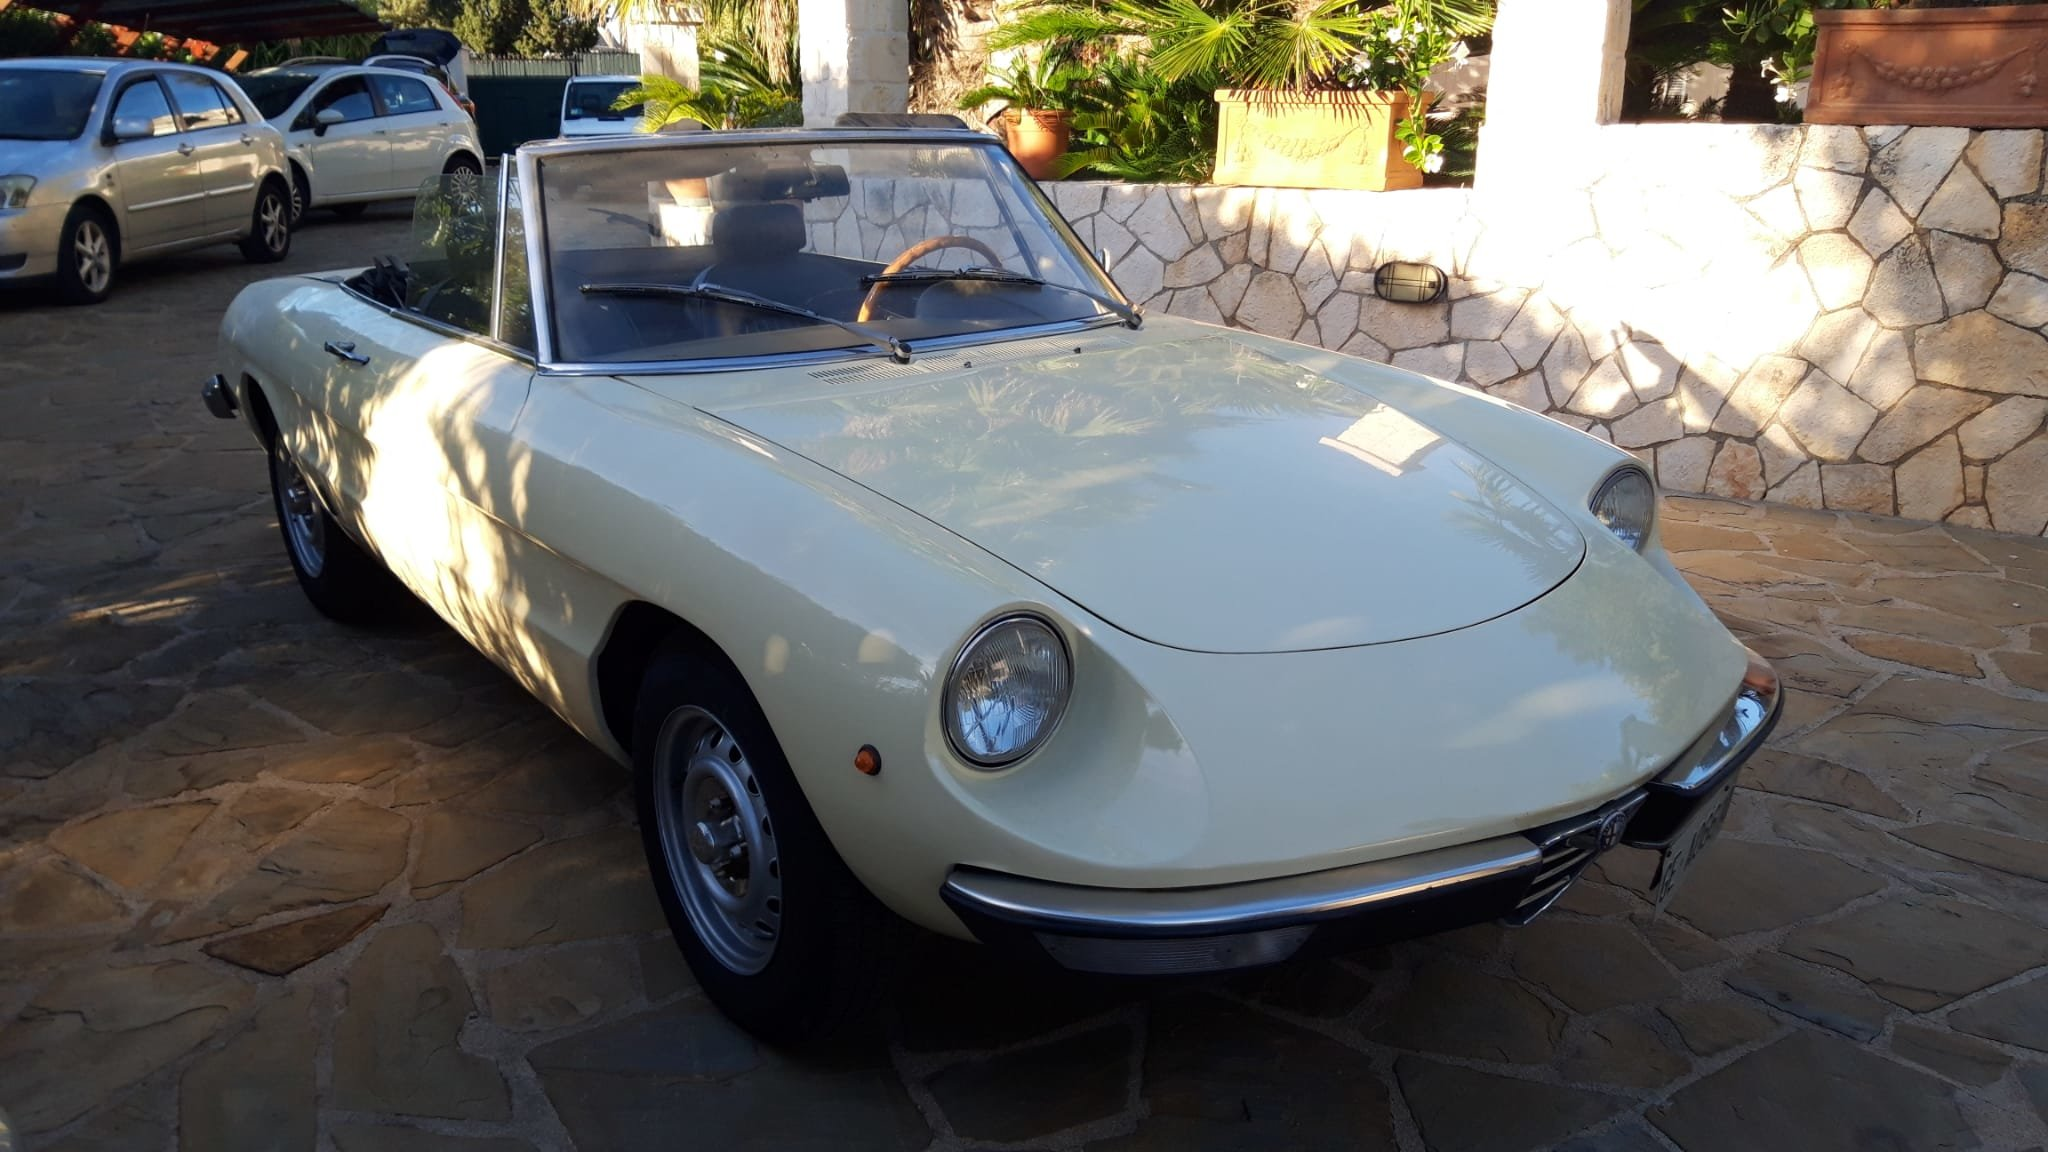 1976 Alfa Romeo Spider Duetto coda tronca 1300 For Sale (picture 1 of 9)